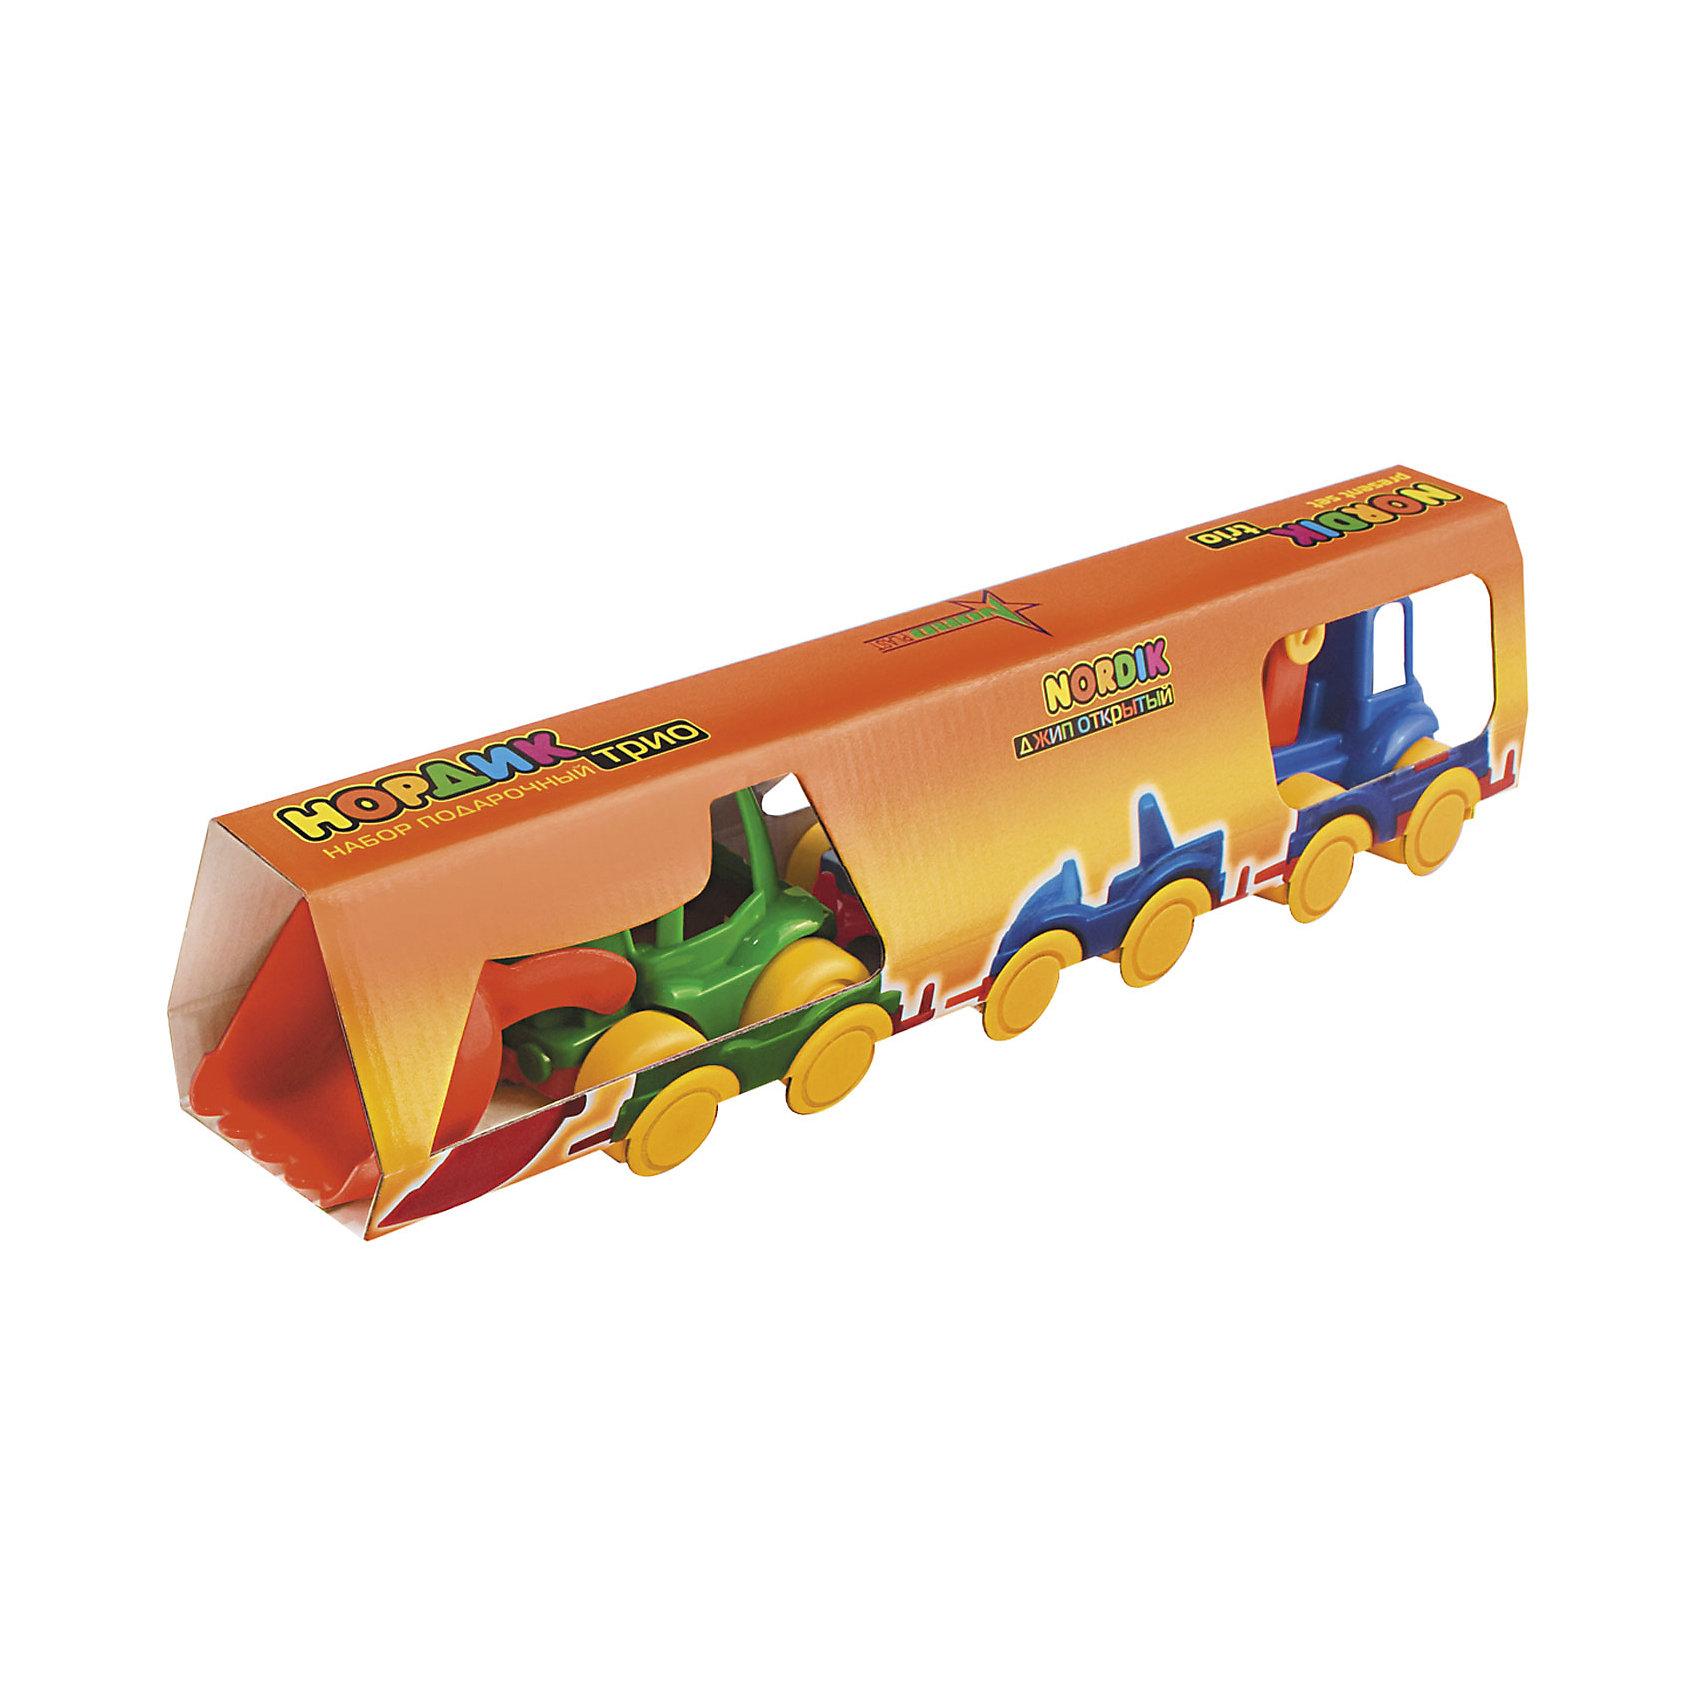 Набор Трио (Трактор, джип, пожарка), НордпластНабор Трио (Трактор, джип, пожарка), Нордпласт – это яркие пластмассовые машины, которыми интересно будет играть вашему мальчику.<br>Набор игрушечных машинок Нордик Трио от компании Нордпласт включает в себя трактор, джип, пожарную машинку. Все игрушки яркой расцветки, что обязательно будет привлекать внимание ребенка. Крепления машинок «Нордик» легко совмещаются друг с другом и их можно свободно соединять с другими наборами из этой серии. У машинок надежная колесная база. С этим набором можно играть дома, на улице, и Вашему малышу некогда будет скучать. Игрушки изготовлены из высококачественной пищевой пластмассы, без трещин и заусениц, поэтому во время эксплуатации выдержат многие детские шалости. Они покрыты нетоксичной краской, не облупливающейся и не выгорающей на солнце. Товар соответствует требованиям стандарта для детских игрушек и имеет сертификат качества.<br><br>Дополнительная информация:<br><br>- В наборе: трактор, джип, пожарная машинка<br>- Материал: высококачественная пластмасса<br>- Размер упаковки: 9х7х38 см.<br>- Вес: 210 гр.<br><br>Набор Трио (Трактор, джип, пожарка), Нордпласт можно купить в нашем интернет-магазине.<br><br>Ширина мм: 380<br>Глубина мм: 70<br>Высота мм: 90<br>Вес г: 210<br>Возраст от месяцев: 36<br>Возраст до месяцев: 72<br>Пол: Мужской<br>Возраст: Детский<br>SKU: 4112736